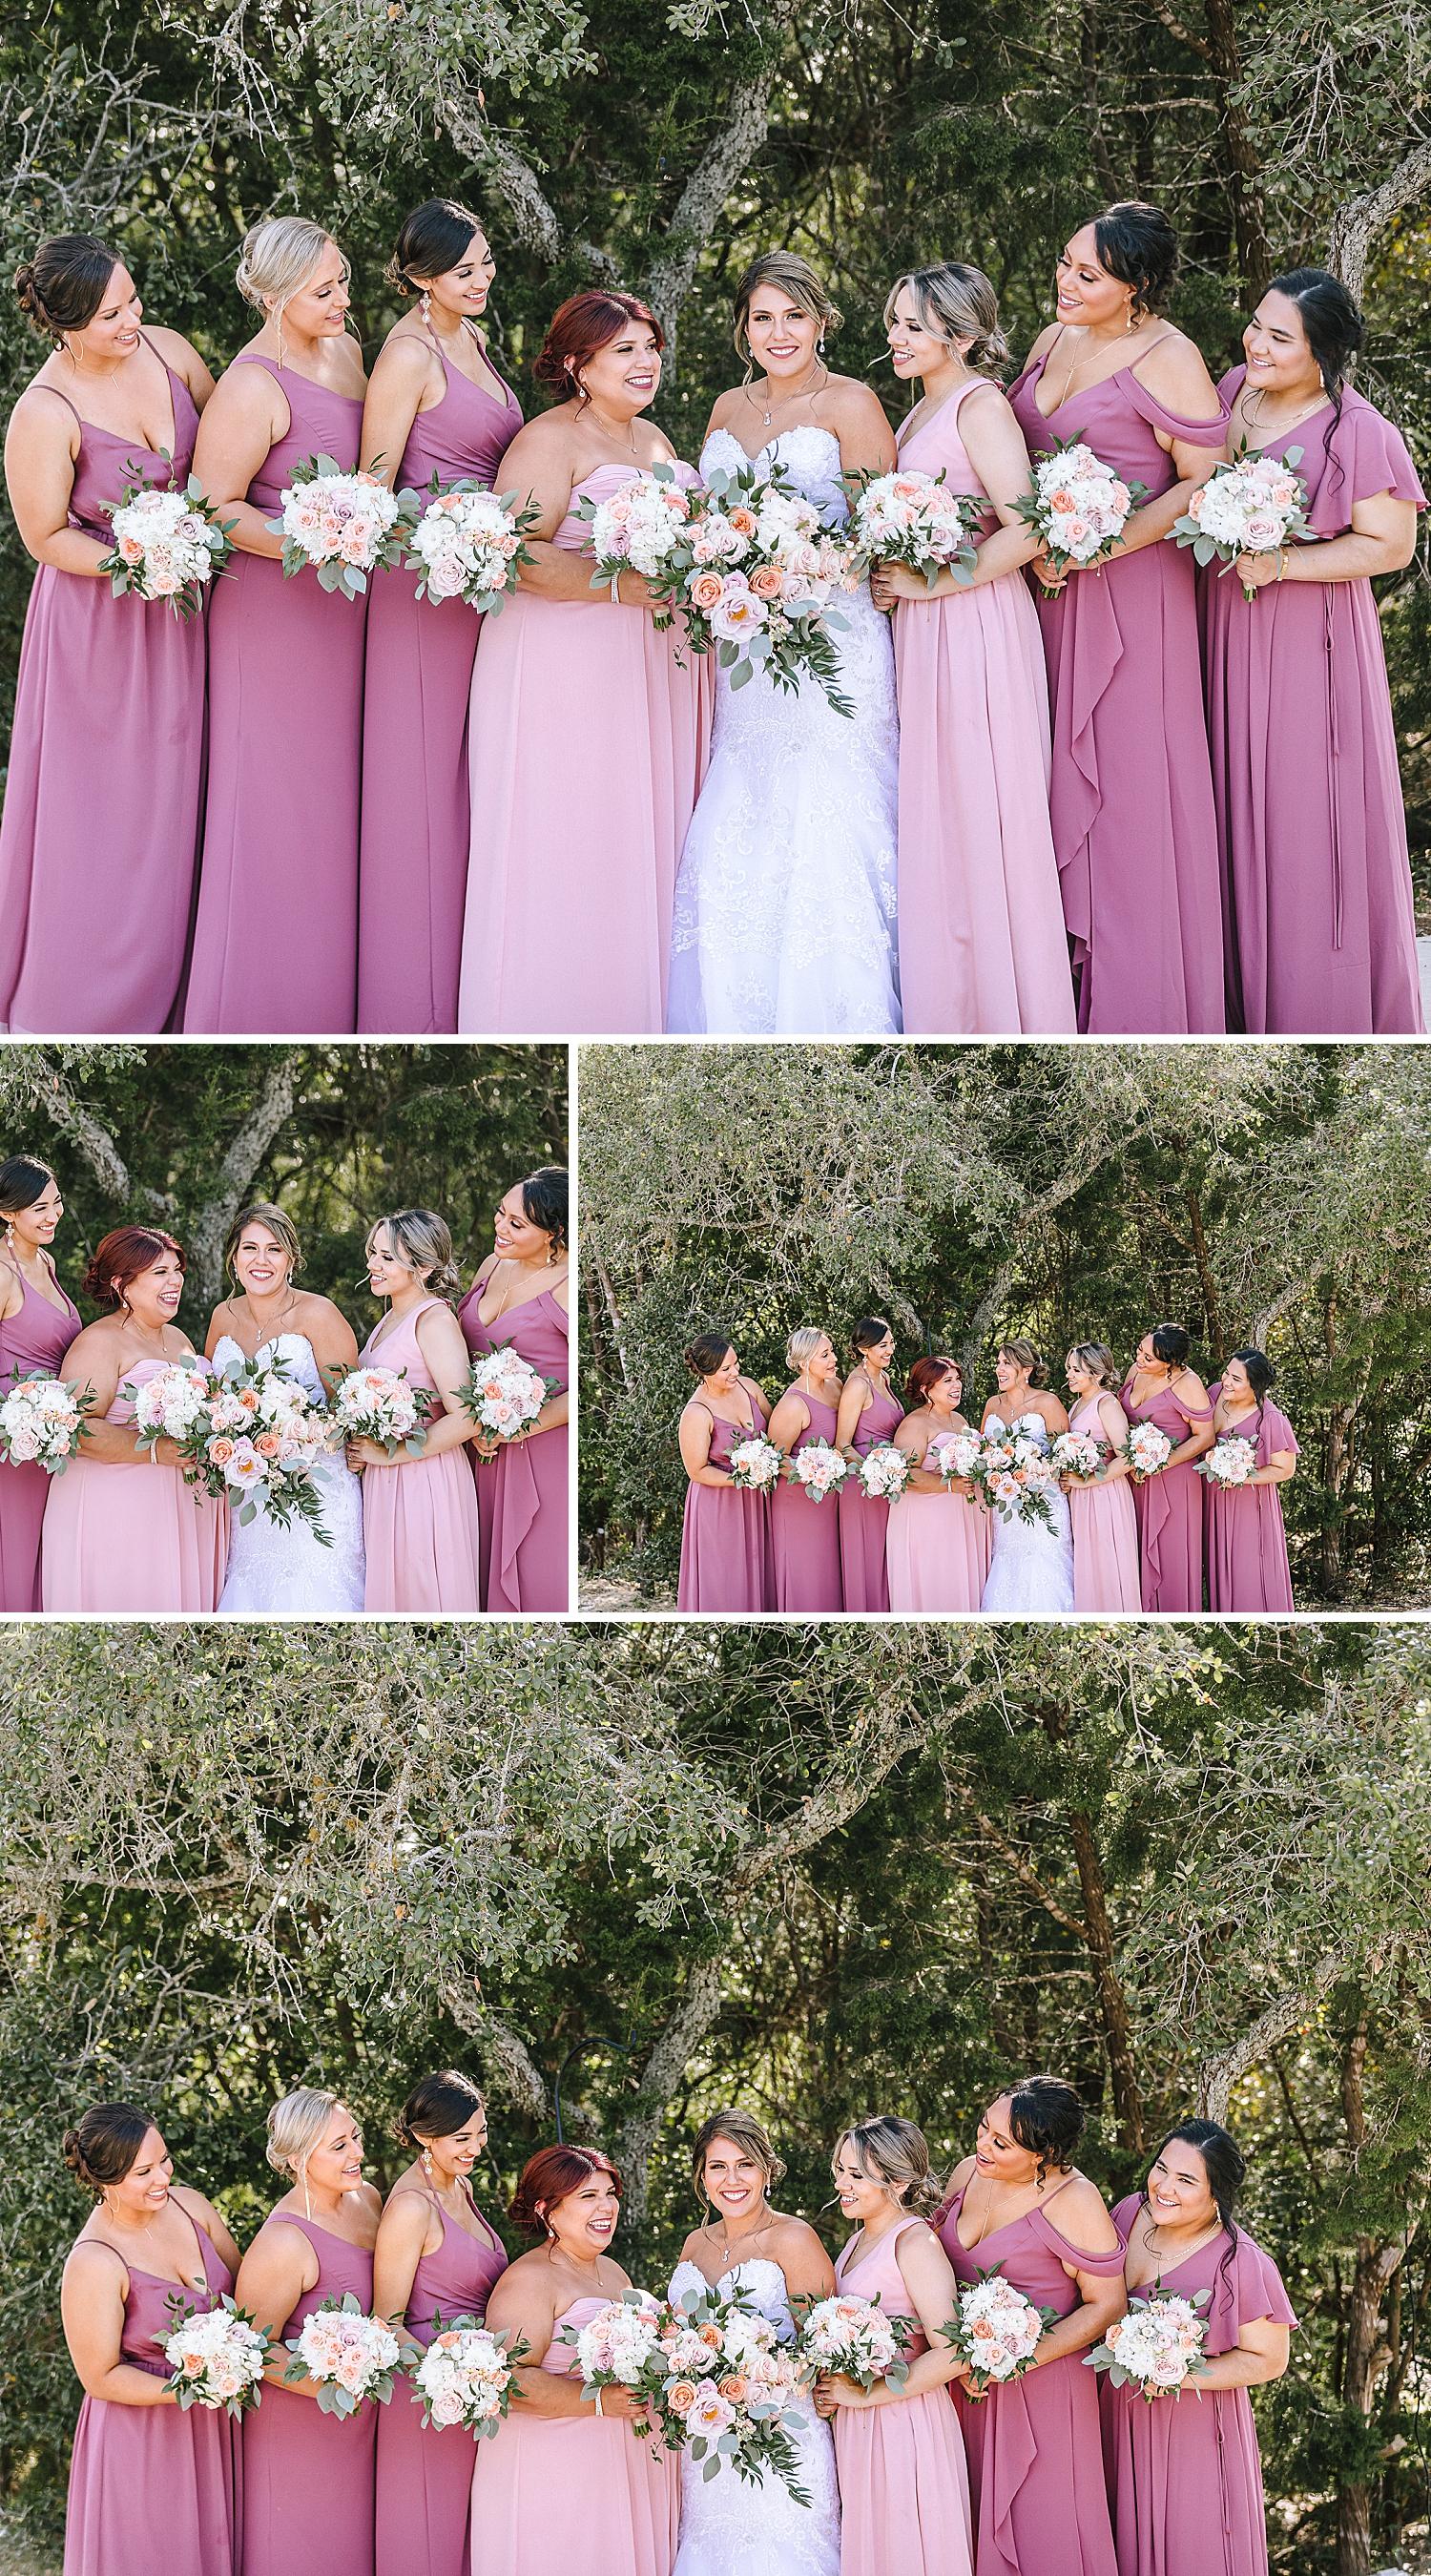 Carly-Barton-Photography-The-Villa-at-Cielo-Vista-Blush-Gold-White-Wedding-Photos_0122.jpg